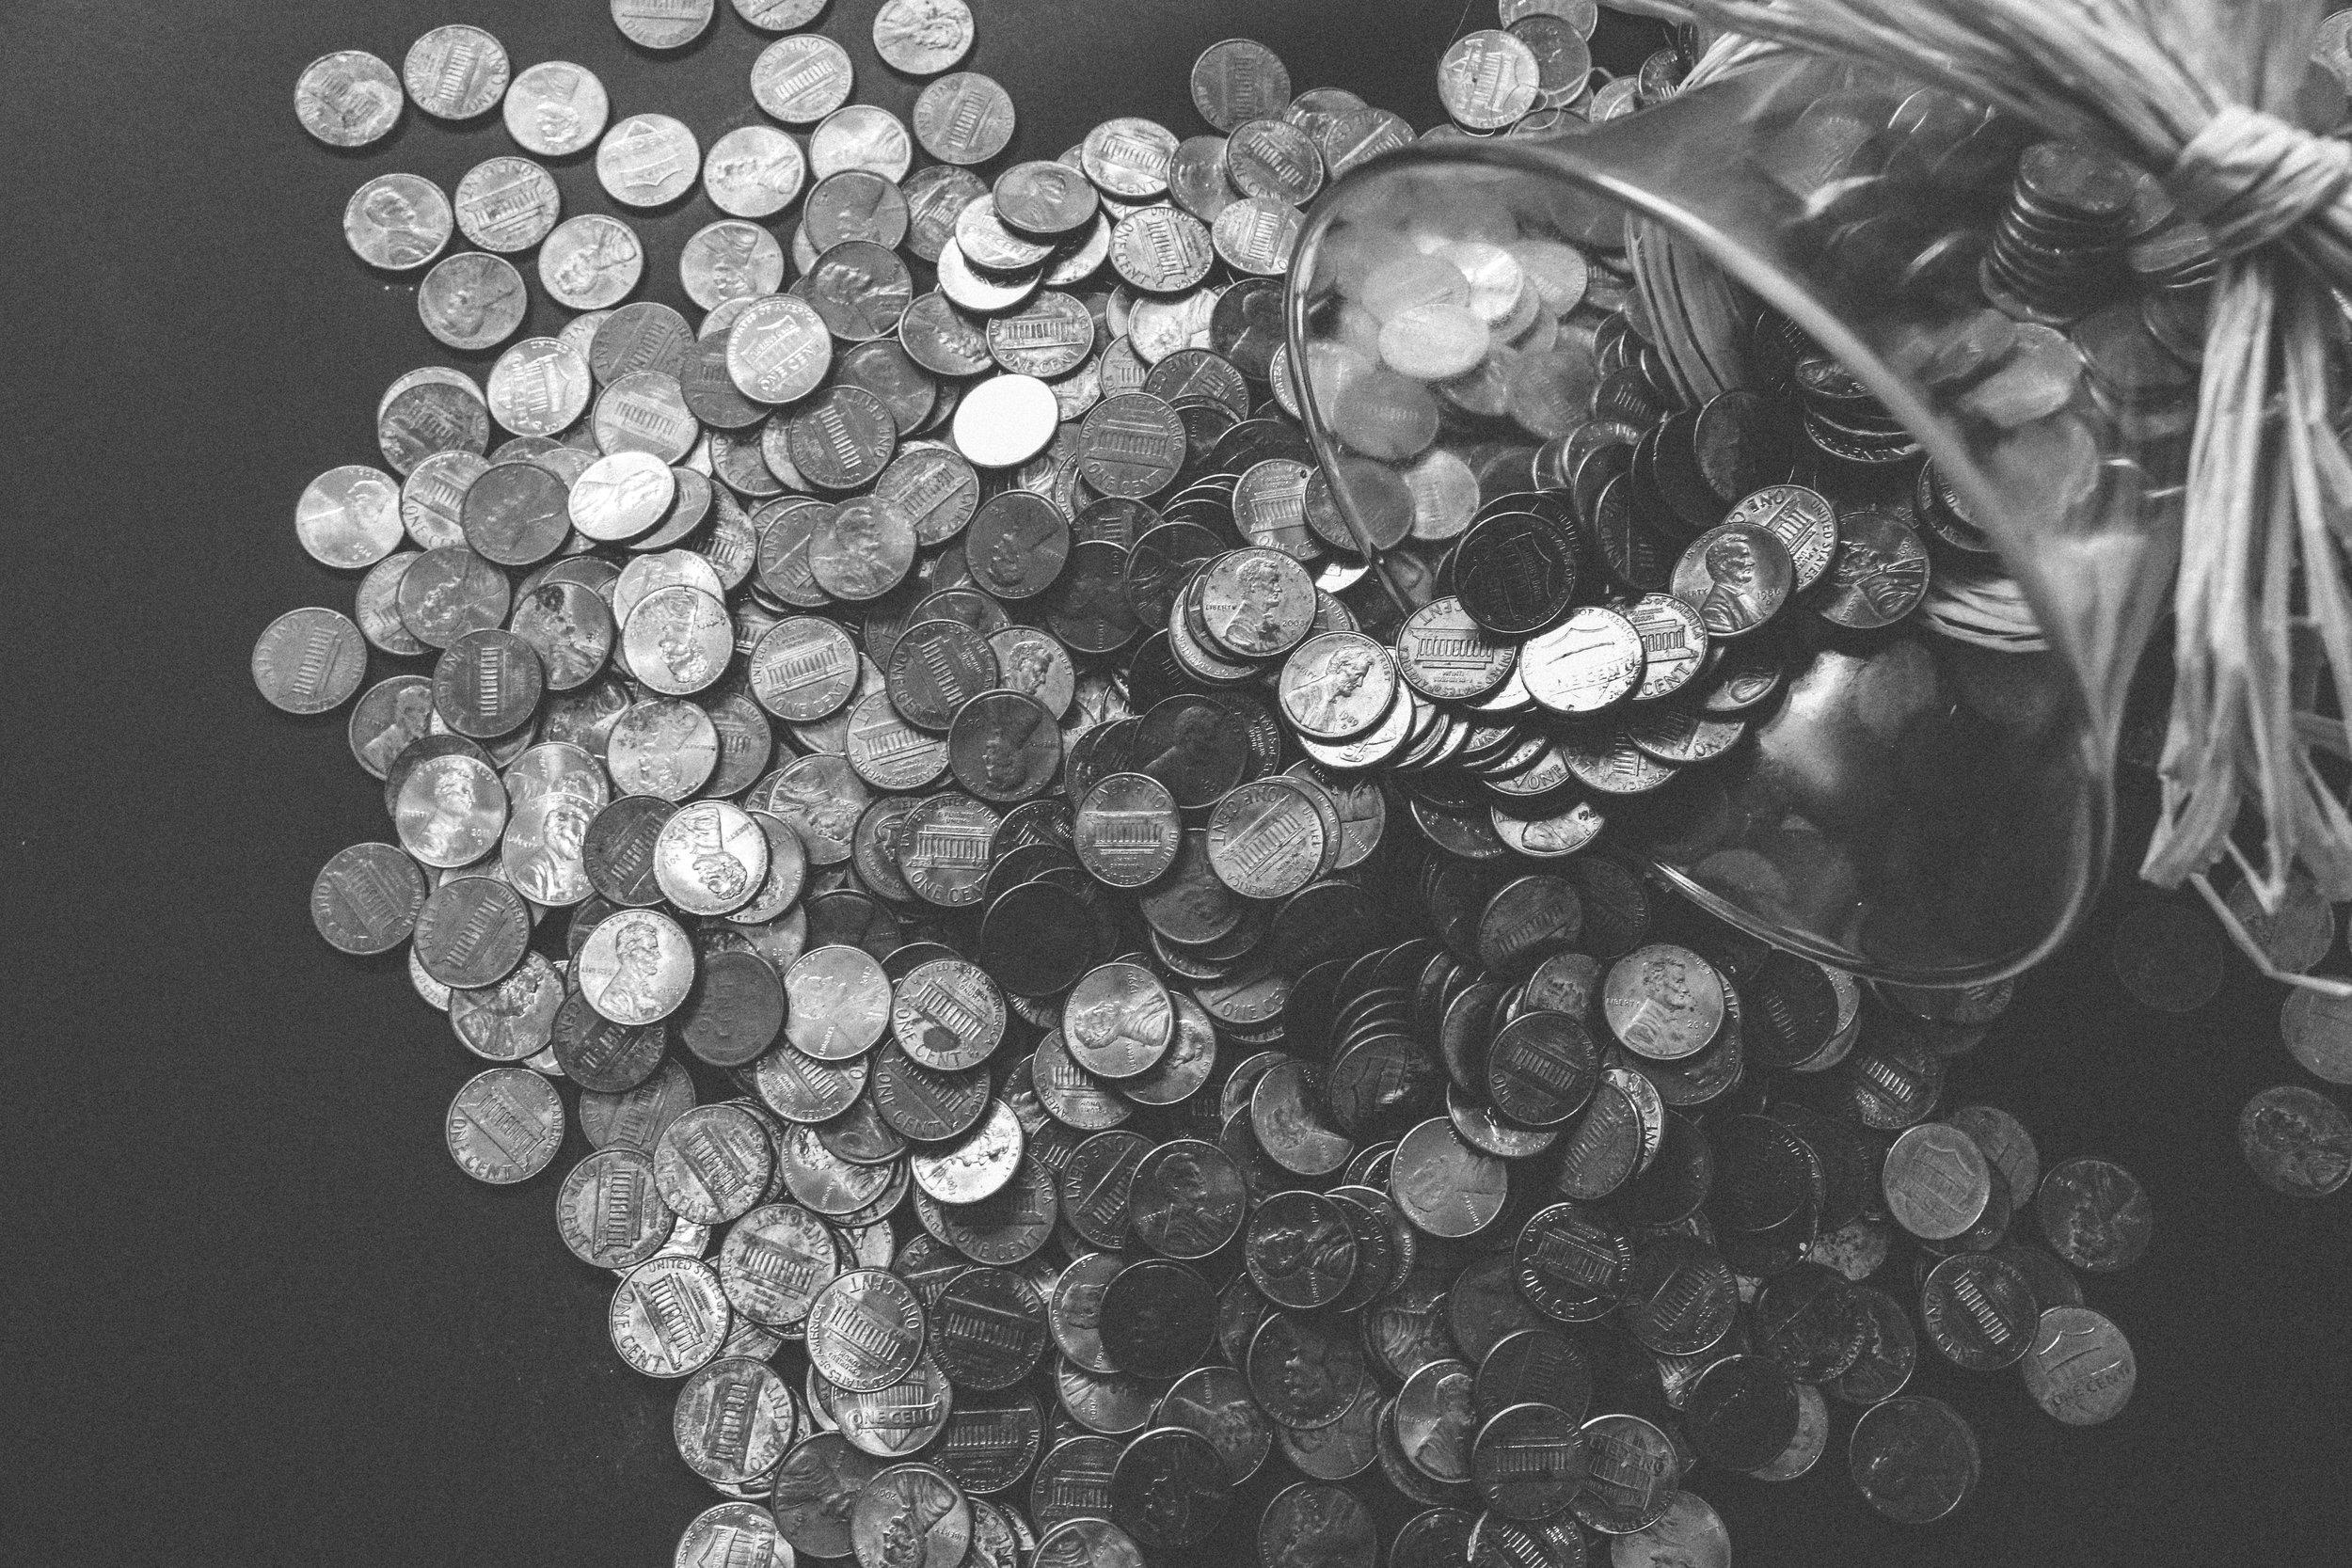 coins.jpeg